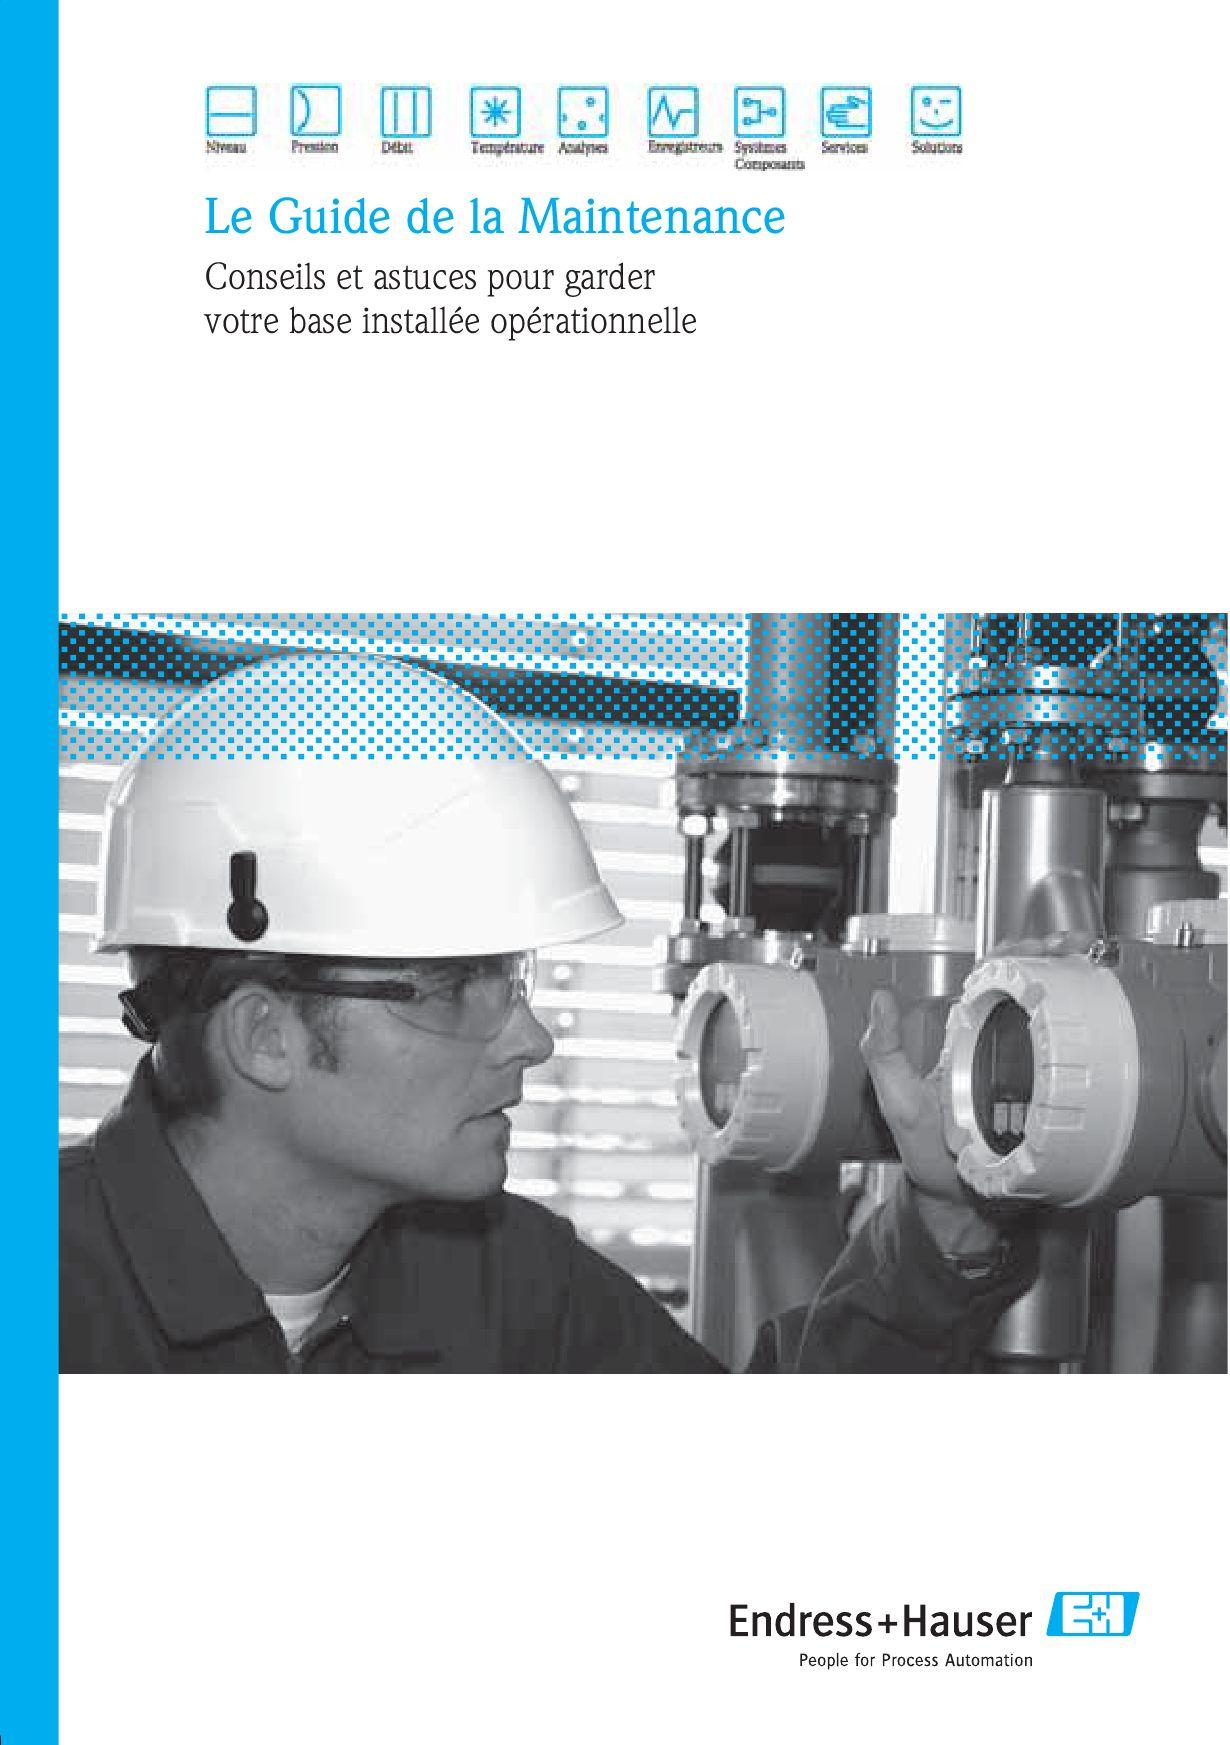 Le Guide de la Maintenance Endress+Hauser by ENDRESS+HAUSER